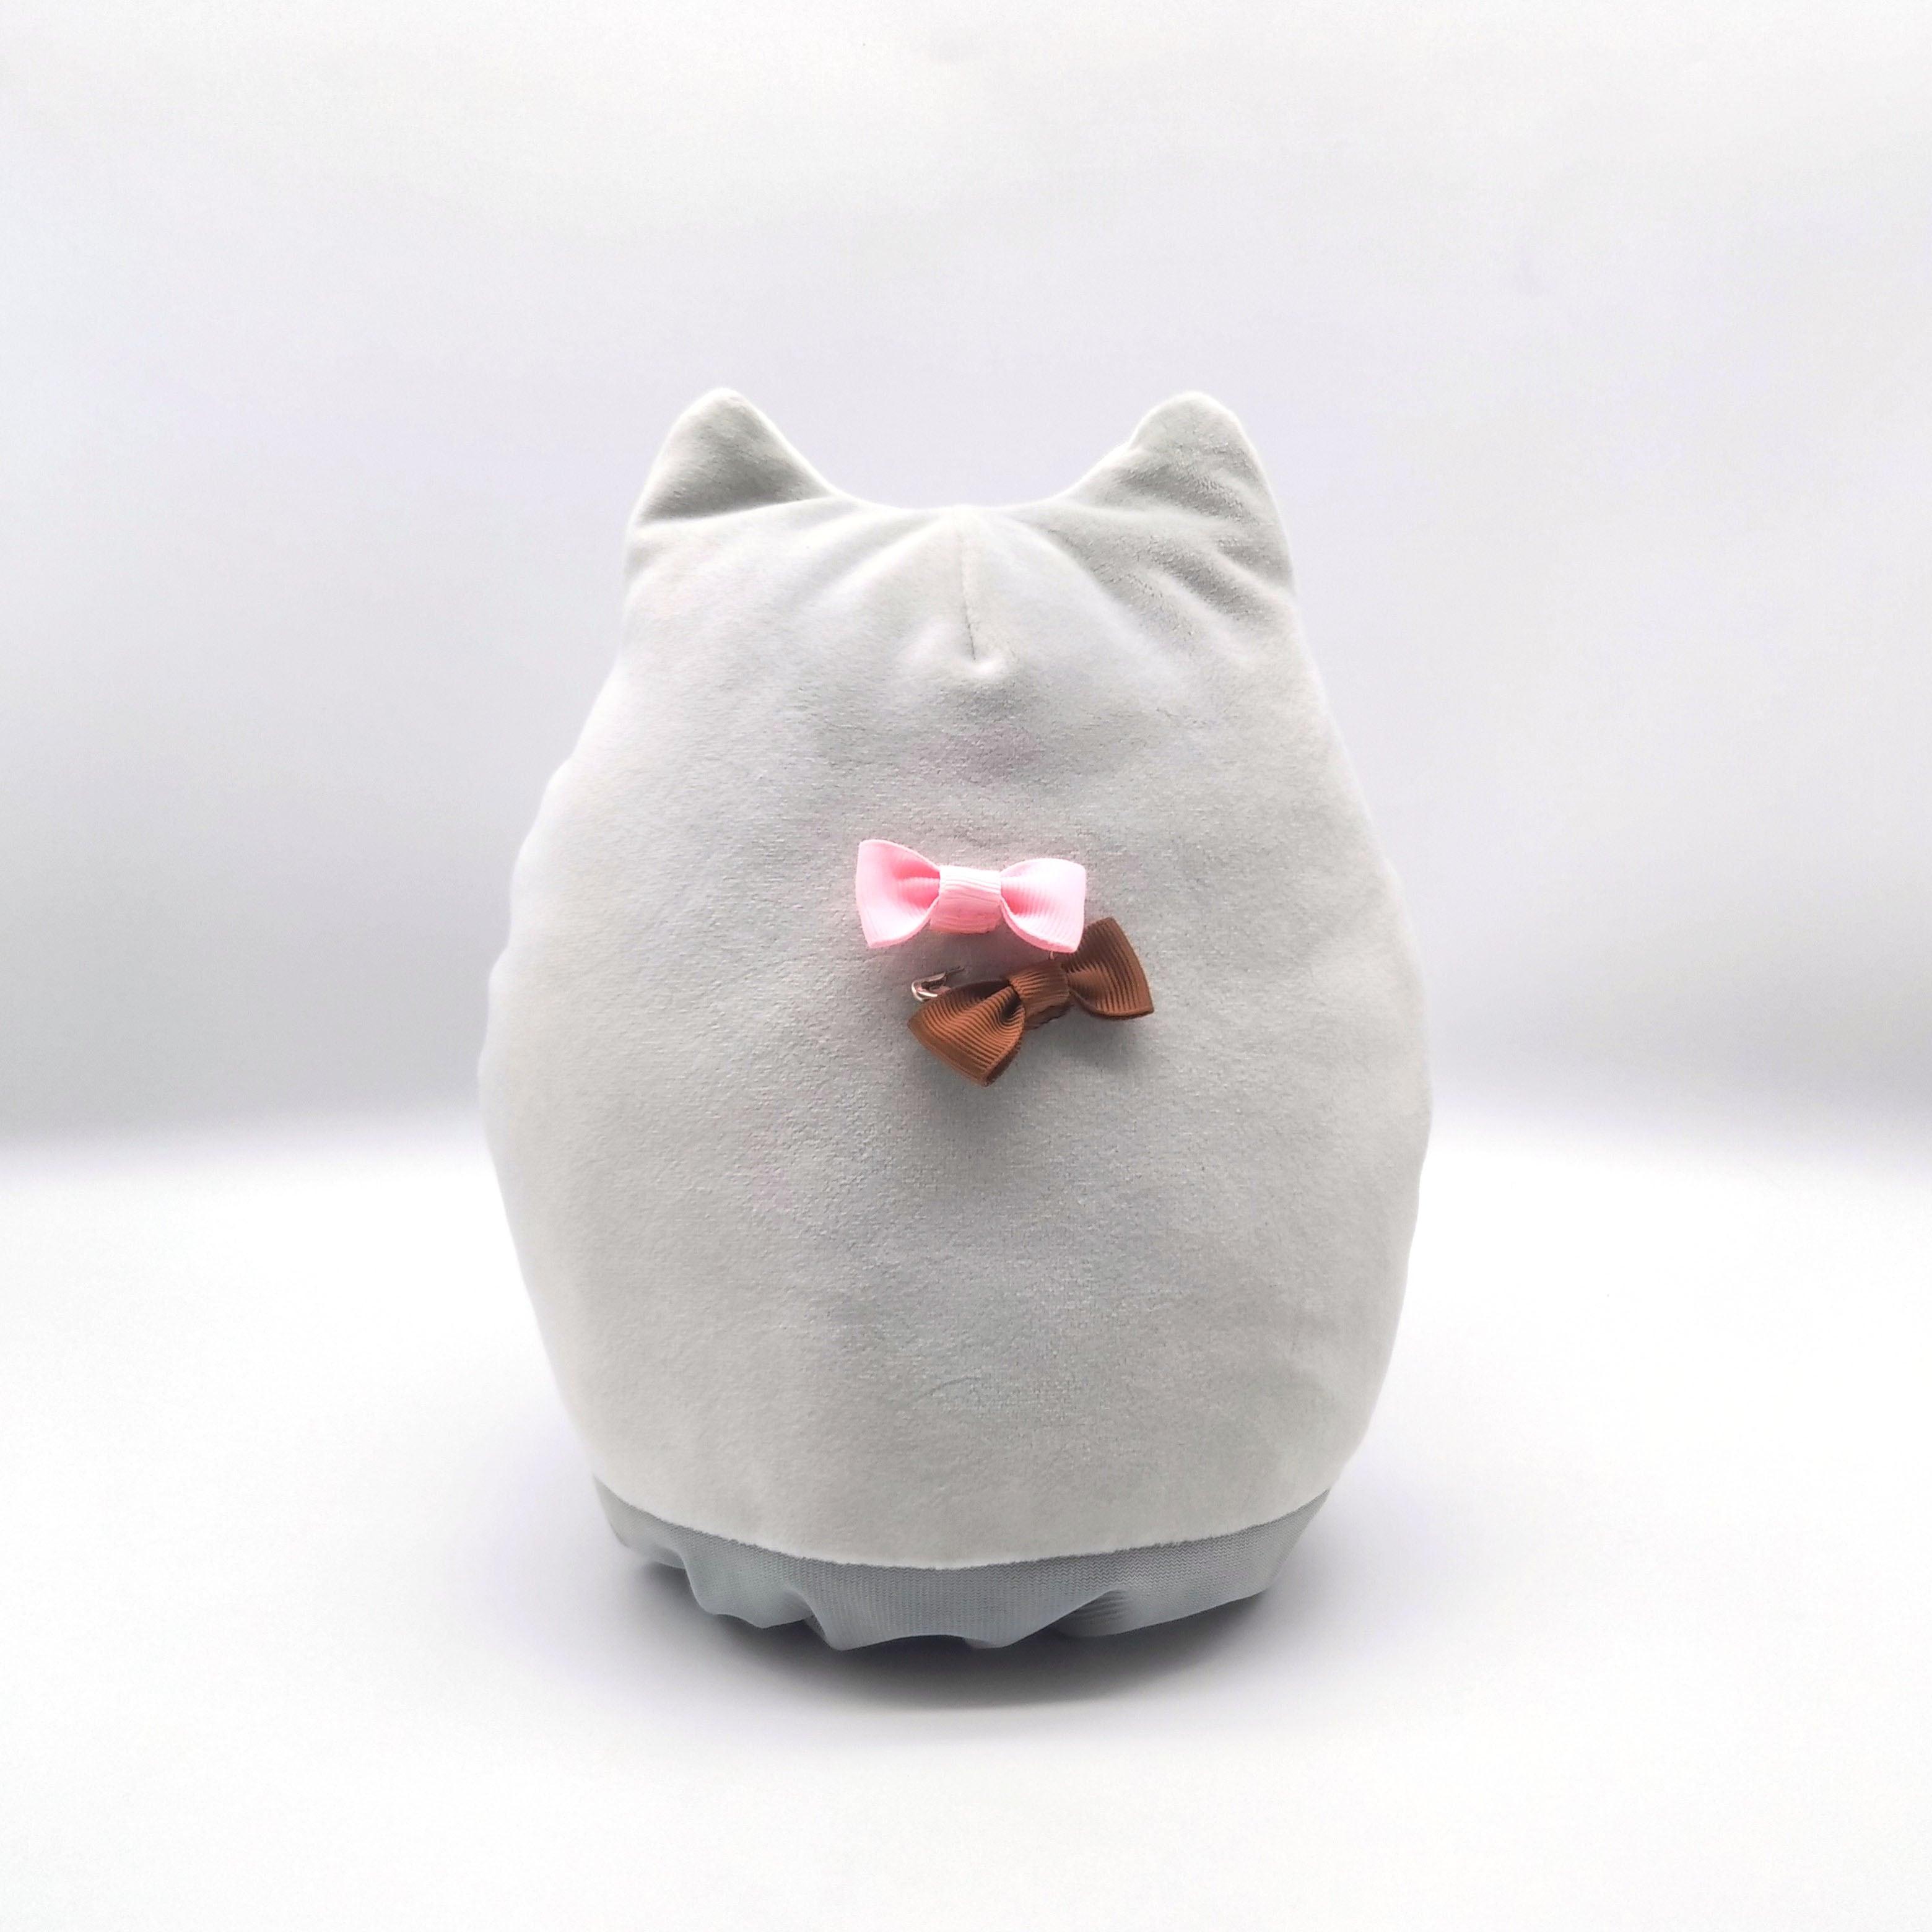 もちもち骨壺カバー【選べる3色】 3~4寸用